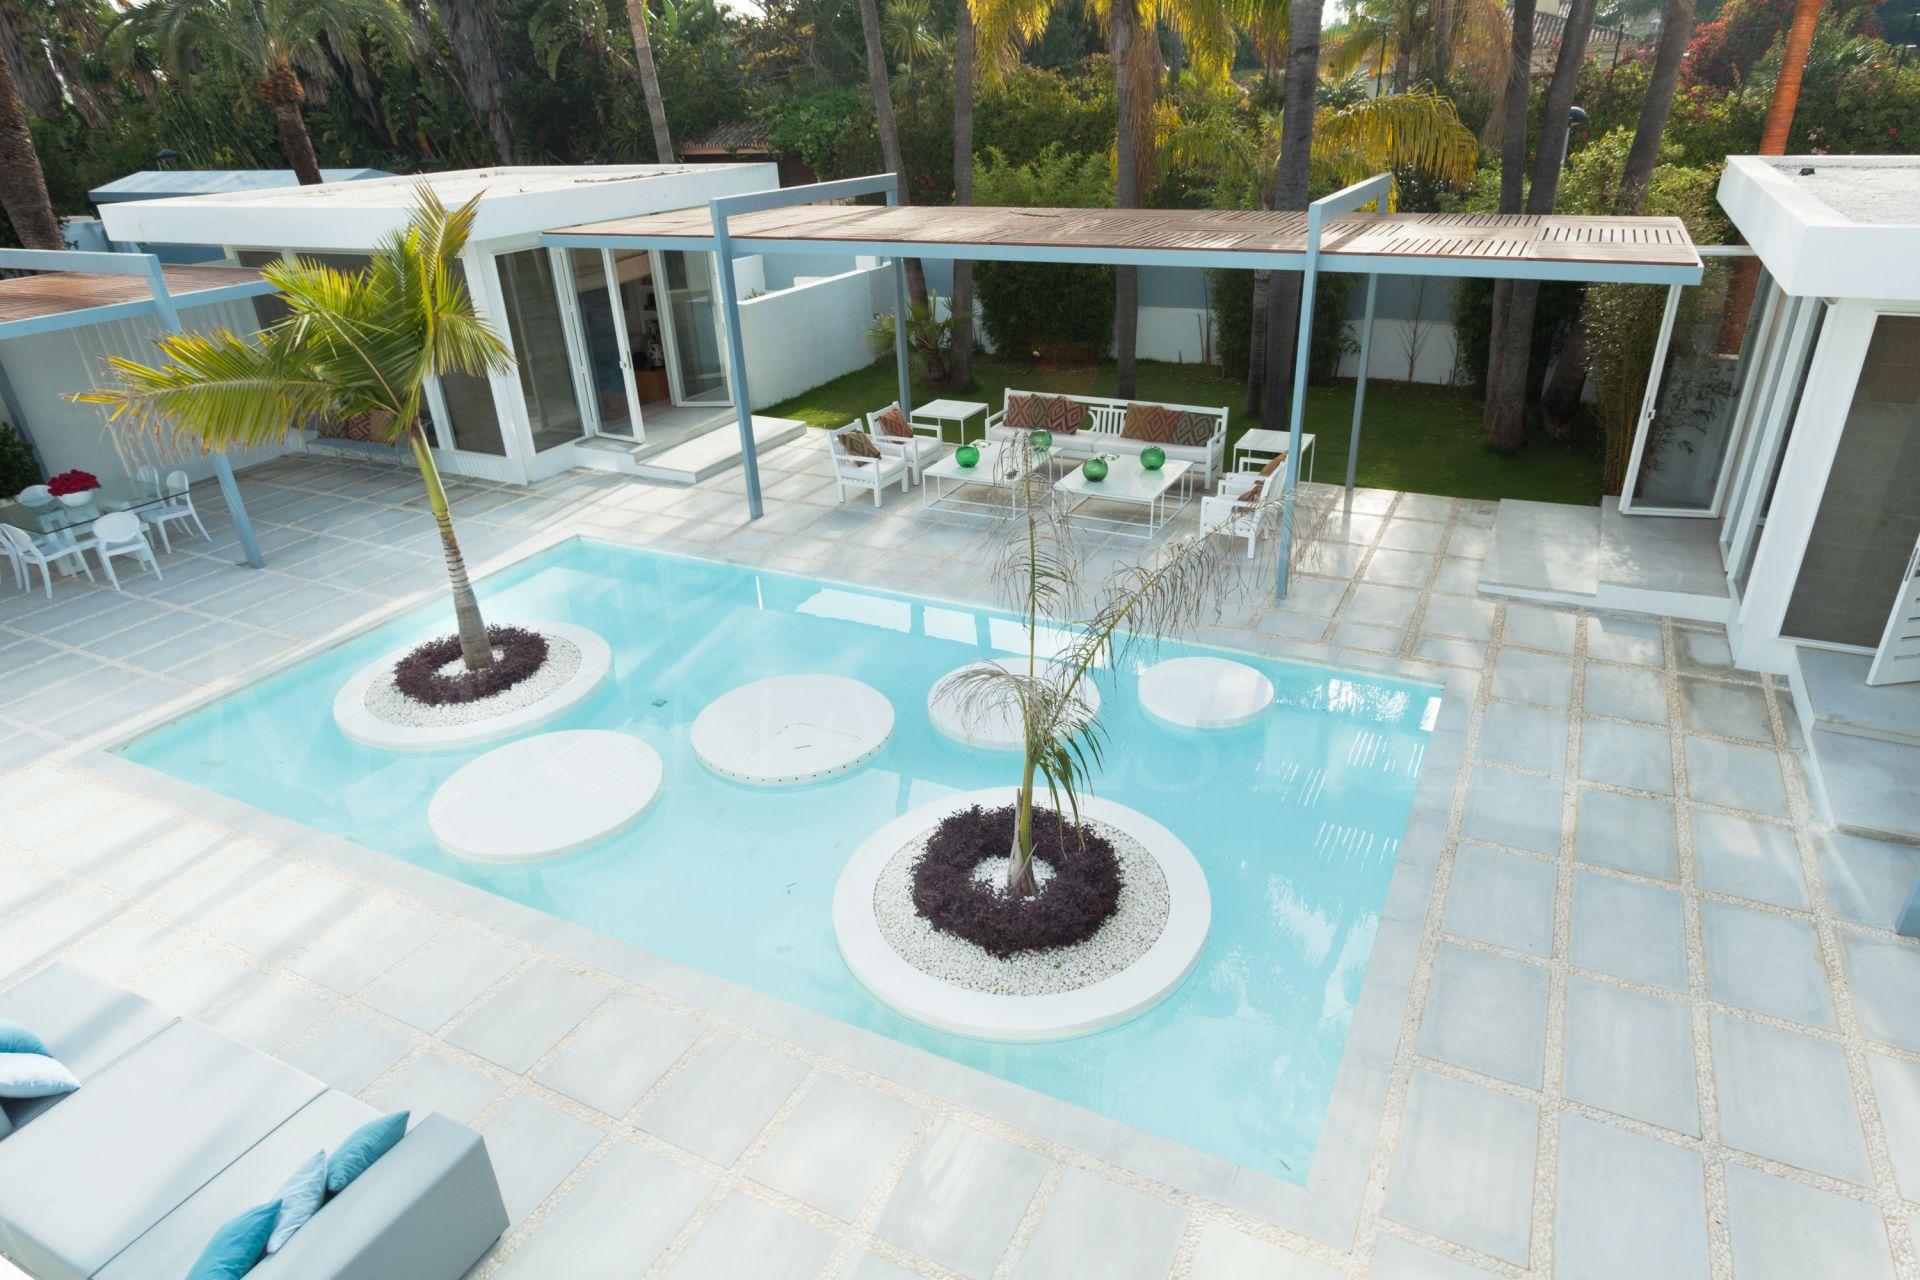 Imponente villa reformada en Guadalmina Baja, Marbella